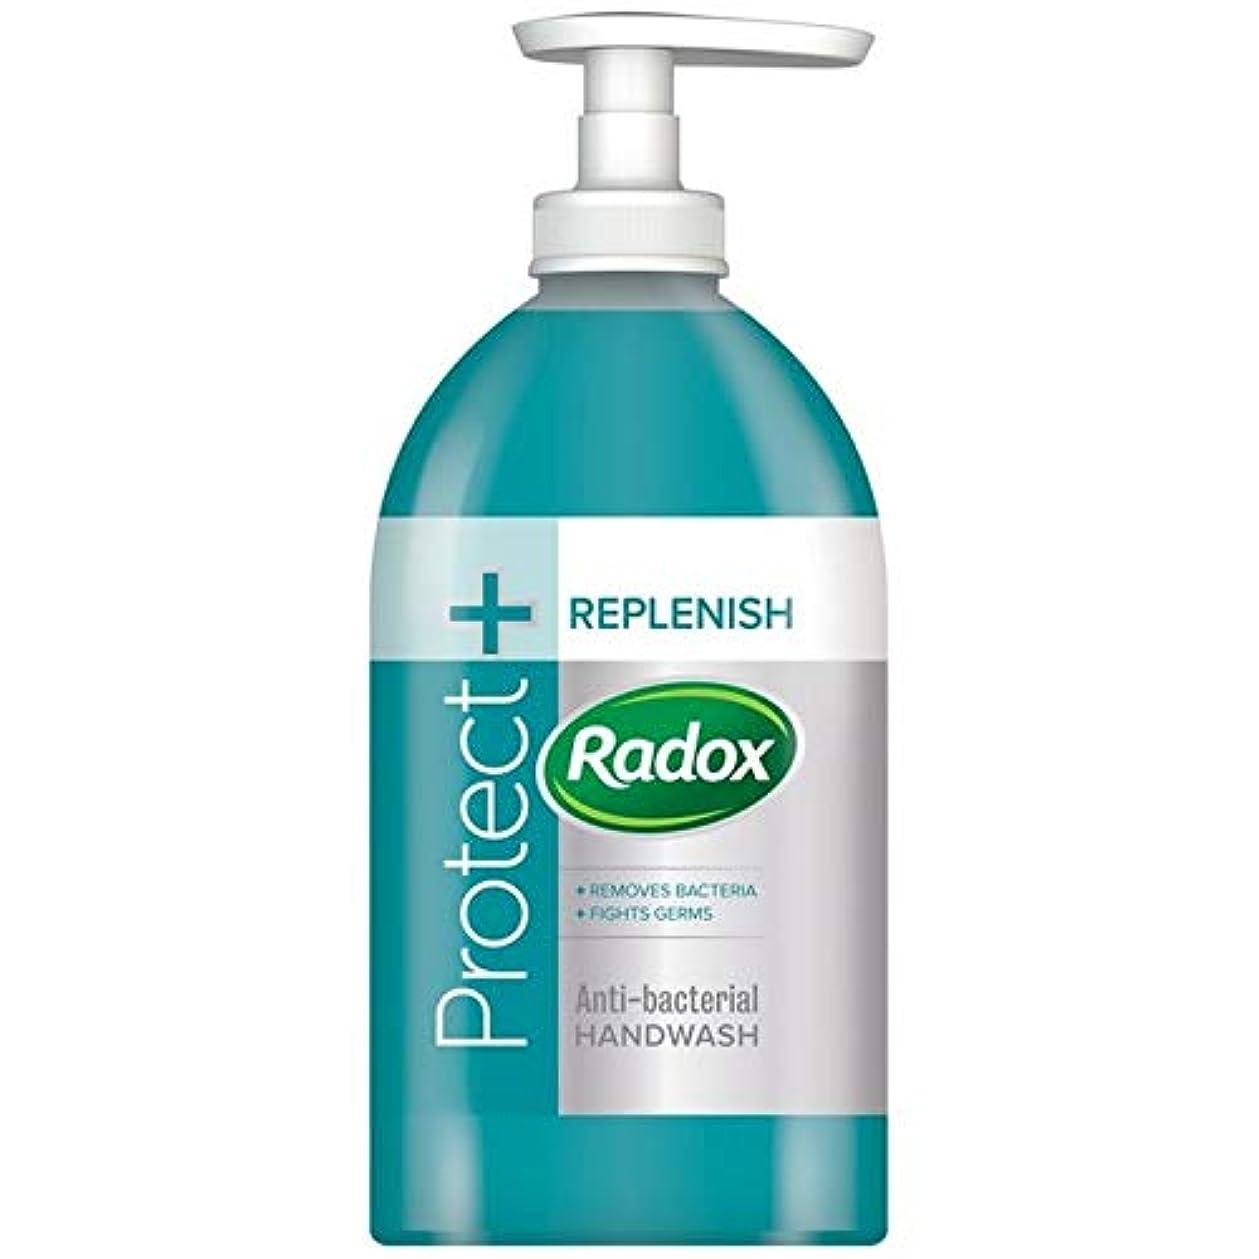 書士終点シュガー[Radox] Radox抗菌剤および補充手洗いの500ミリリットル - Radox Antibacterial and Replenishing Handwash 500ml [並行輸入品]